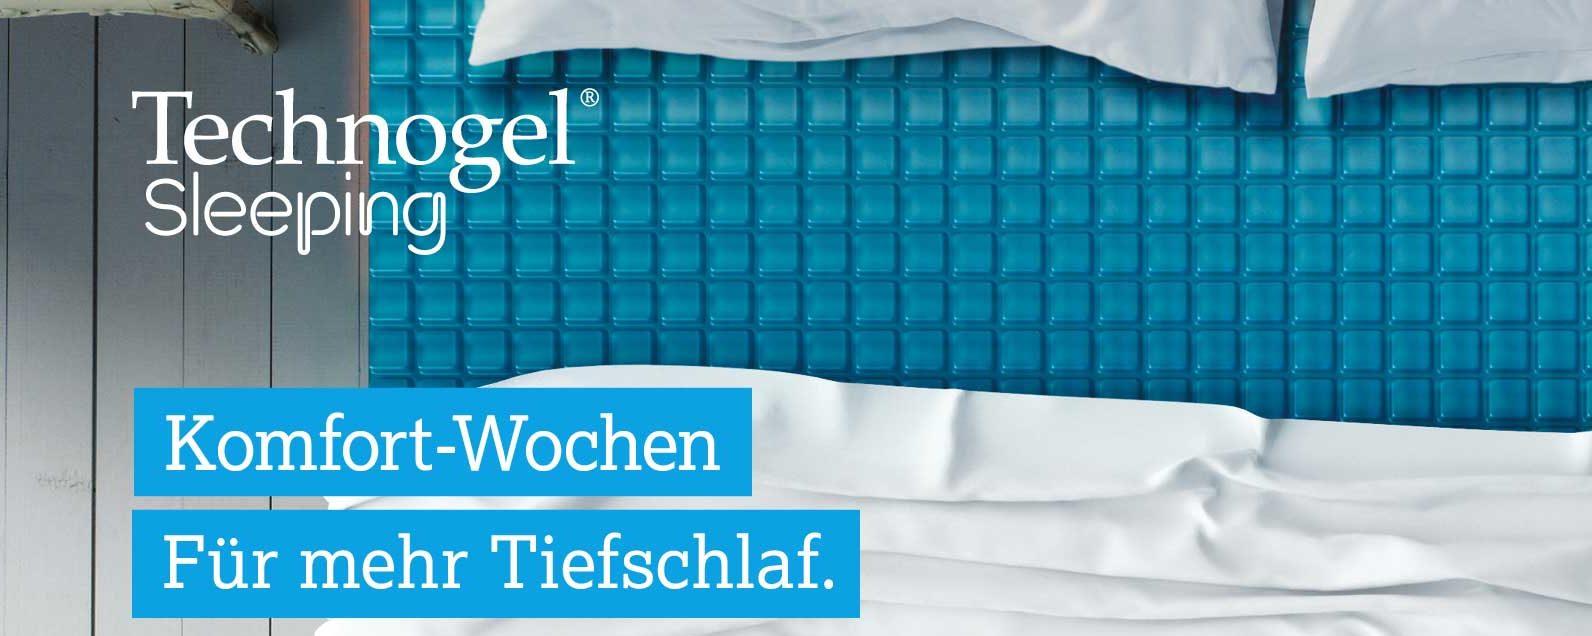 technogel_webbanner_web_de-e1568296774646 Technogel: Komfort Wochen Wohn-Blog